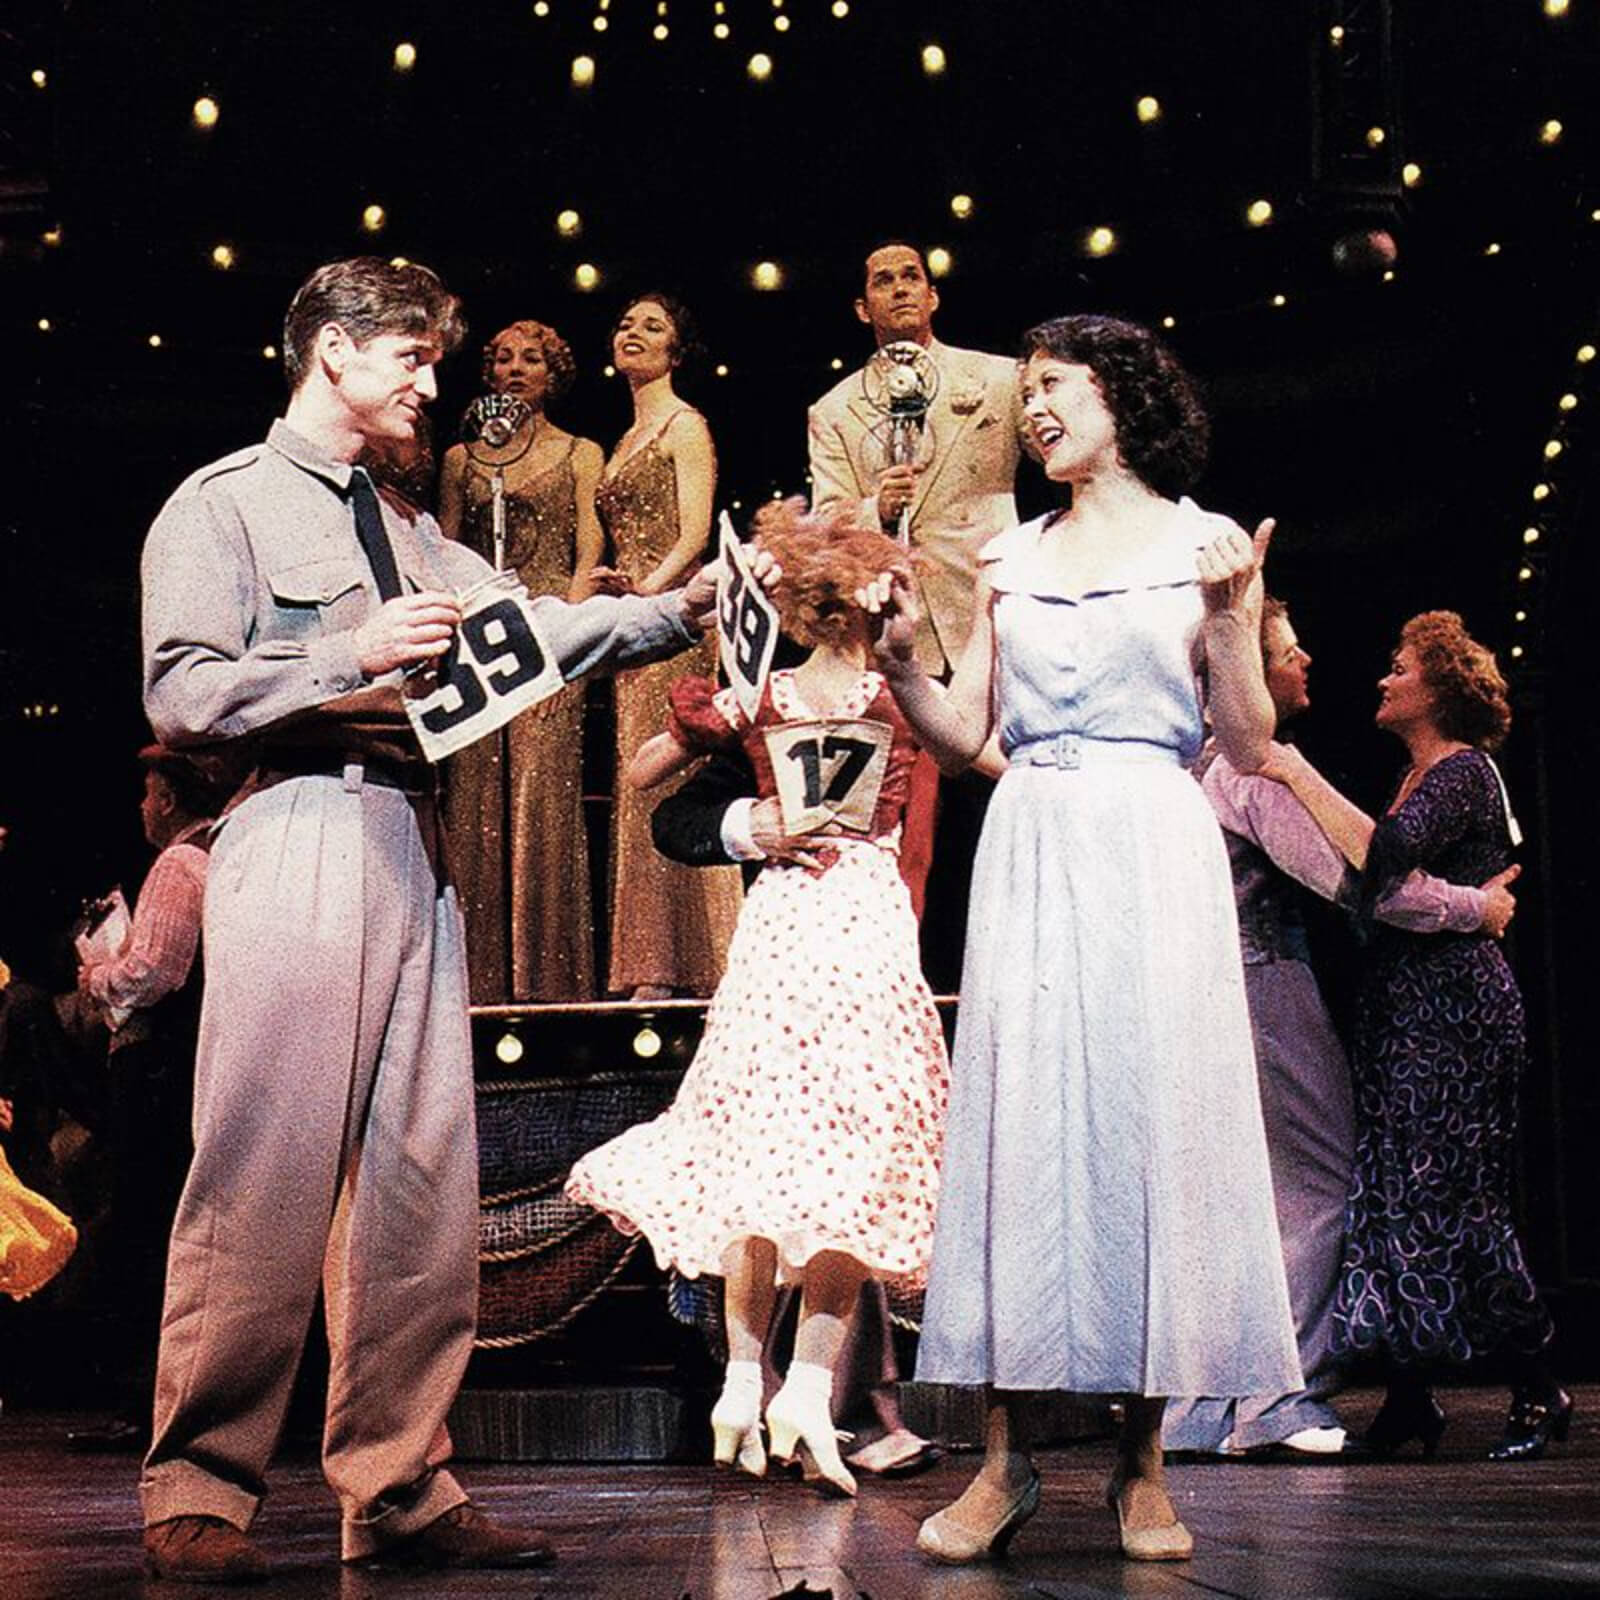 Bill Kelly (Daniel McDonald) ask Rita Racine (Karen Ziemba) to be his marathon dance partner.